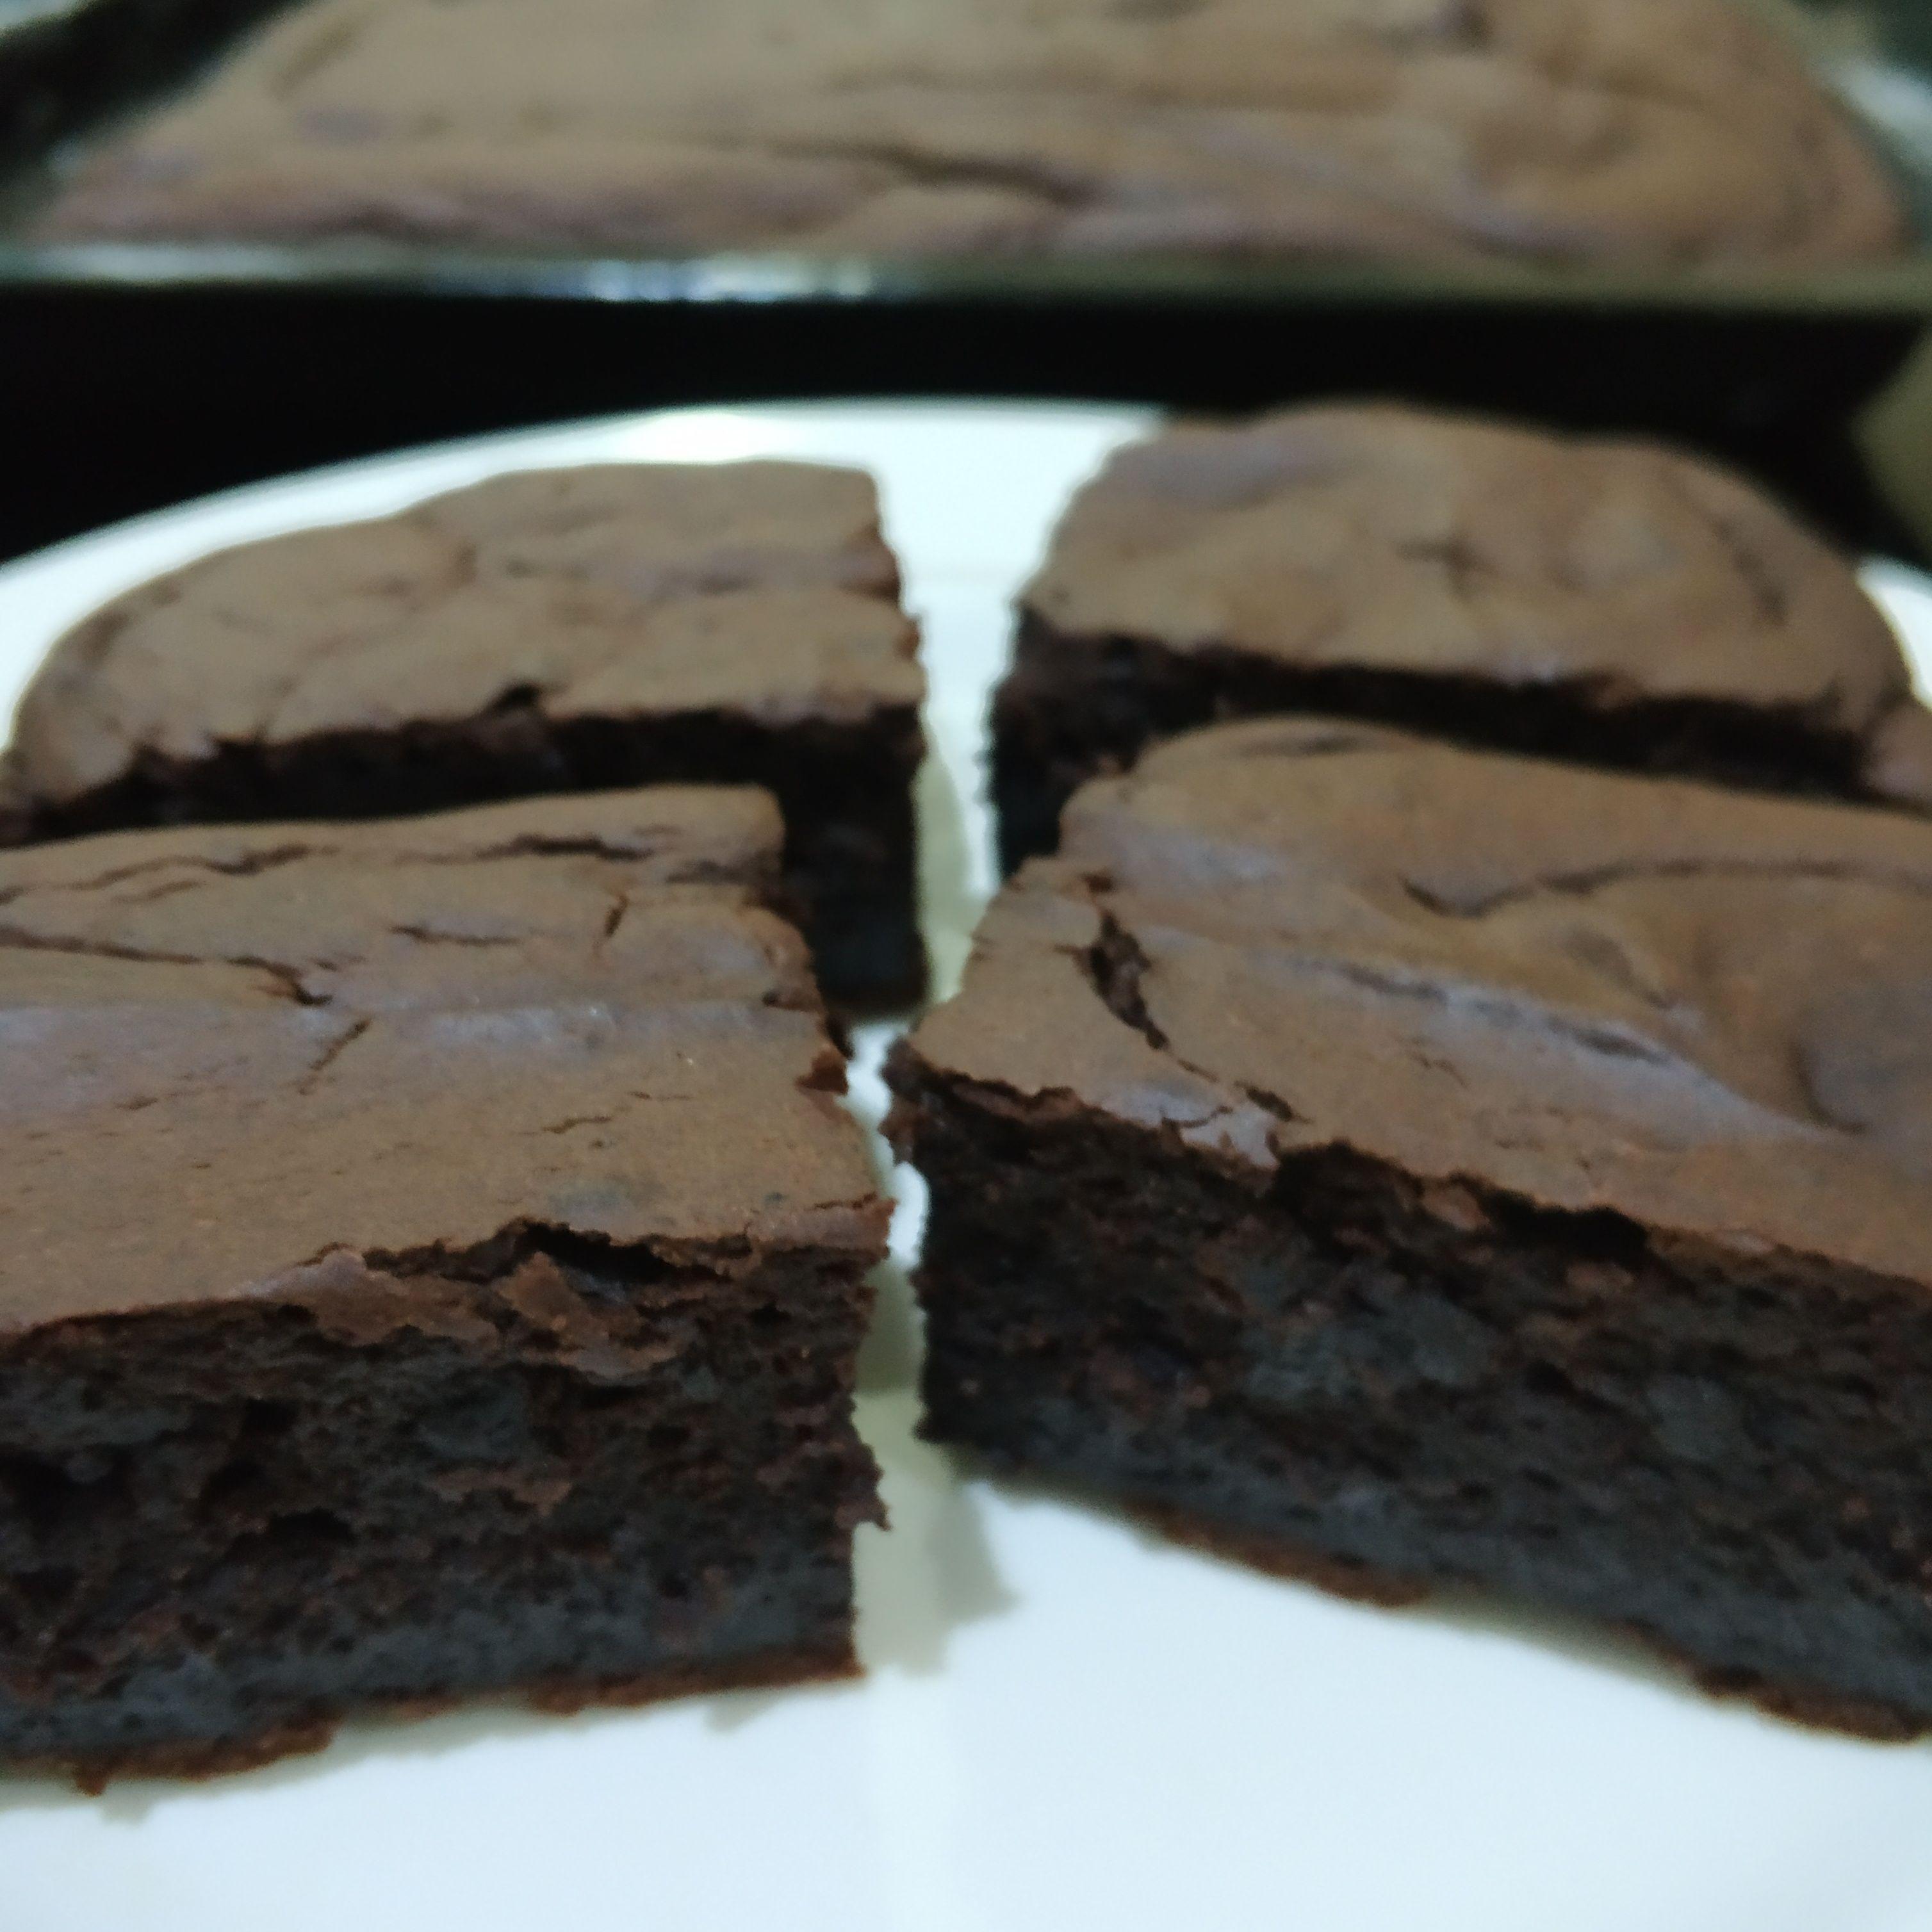 Vegan Avocado Brownies In 2020 Vegan Avocado Brownies Vegan Pudding Vegan Dessert Recipes